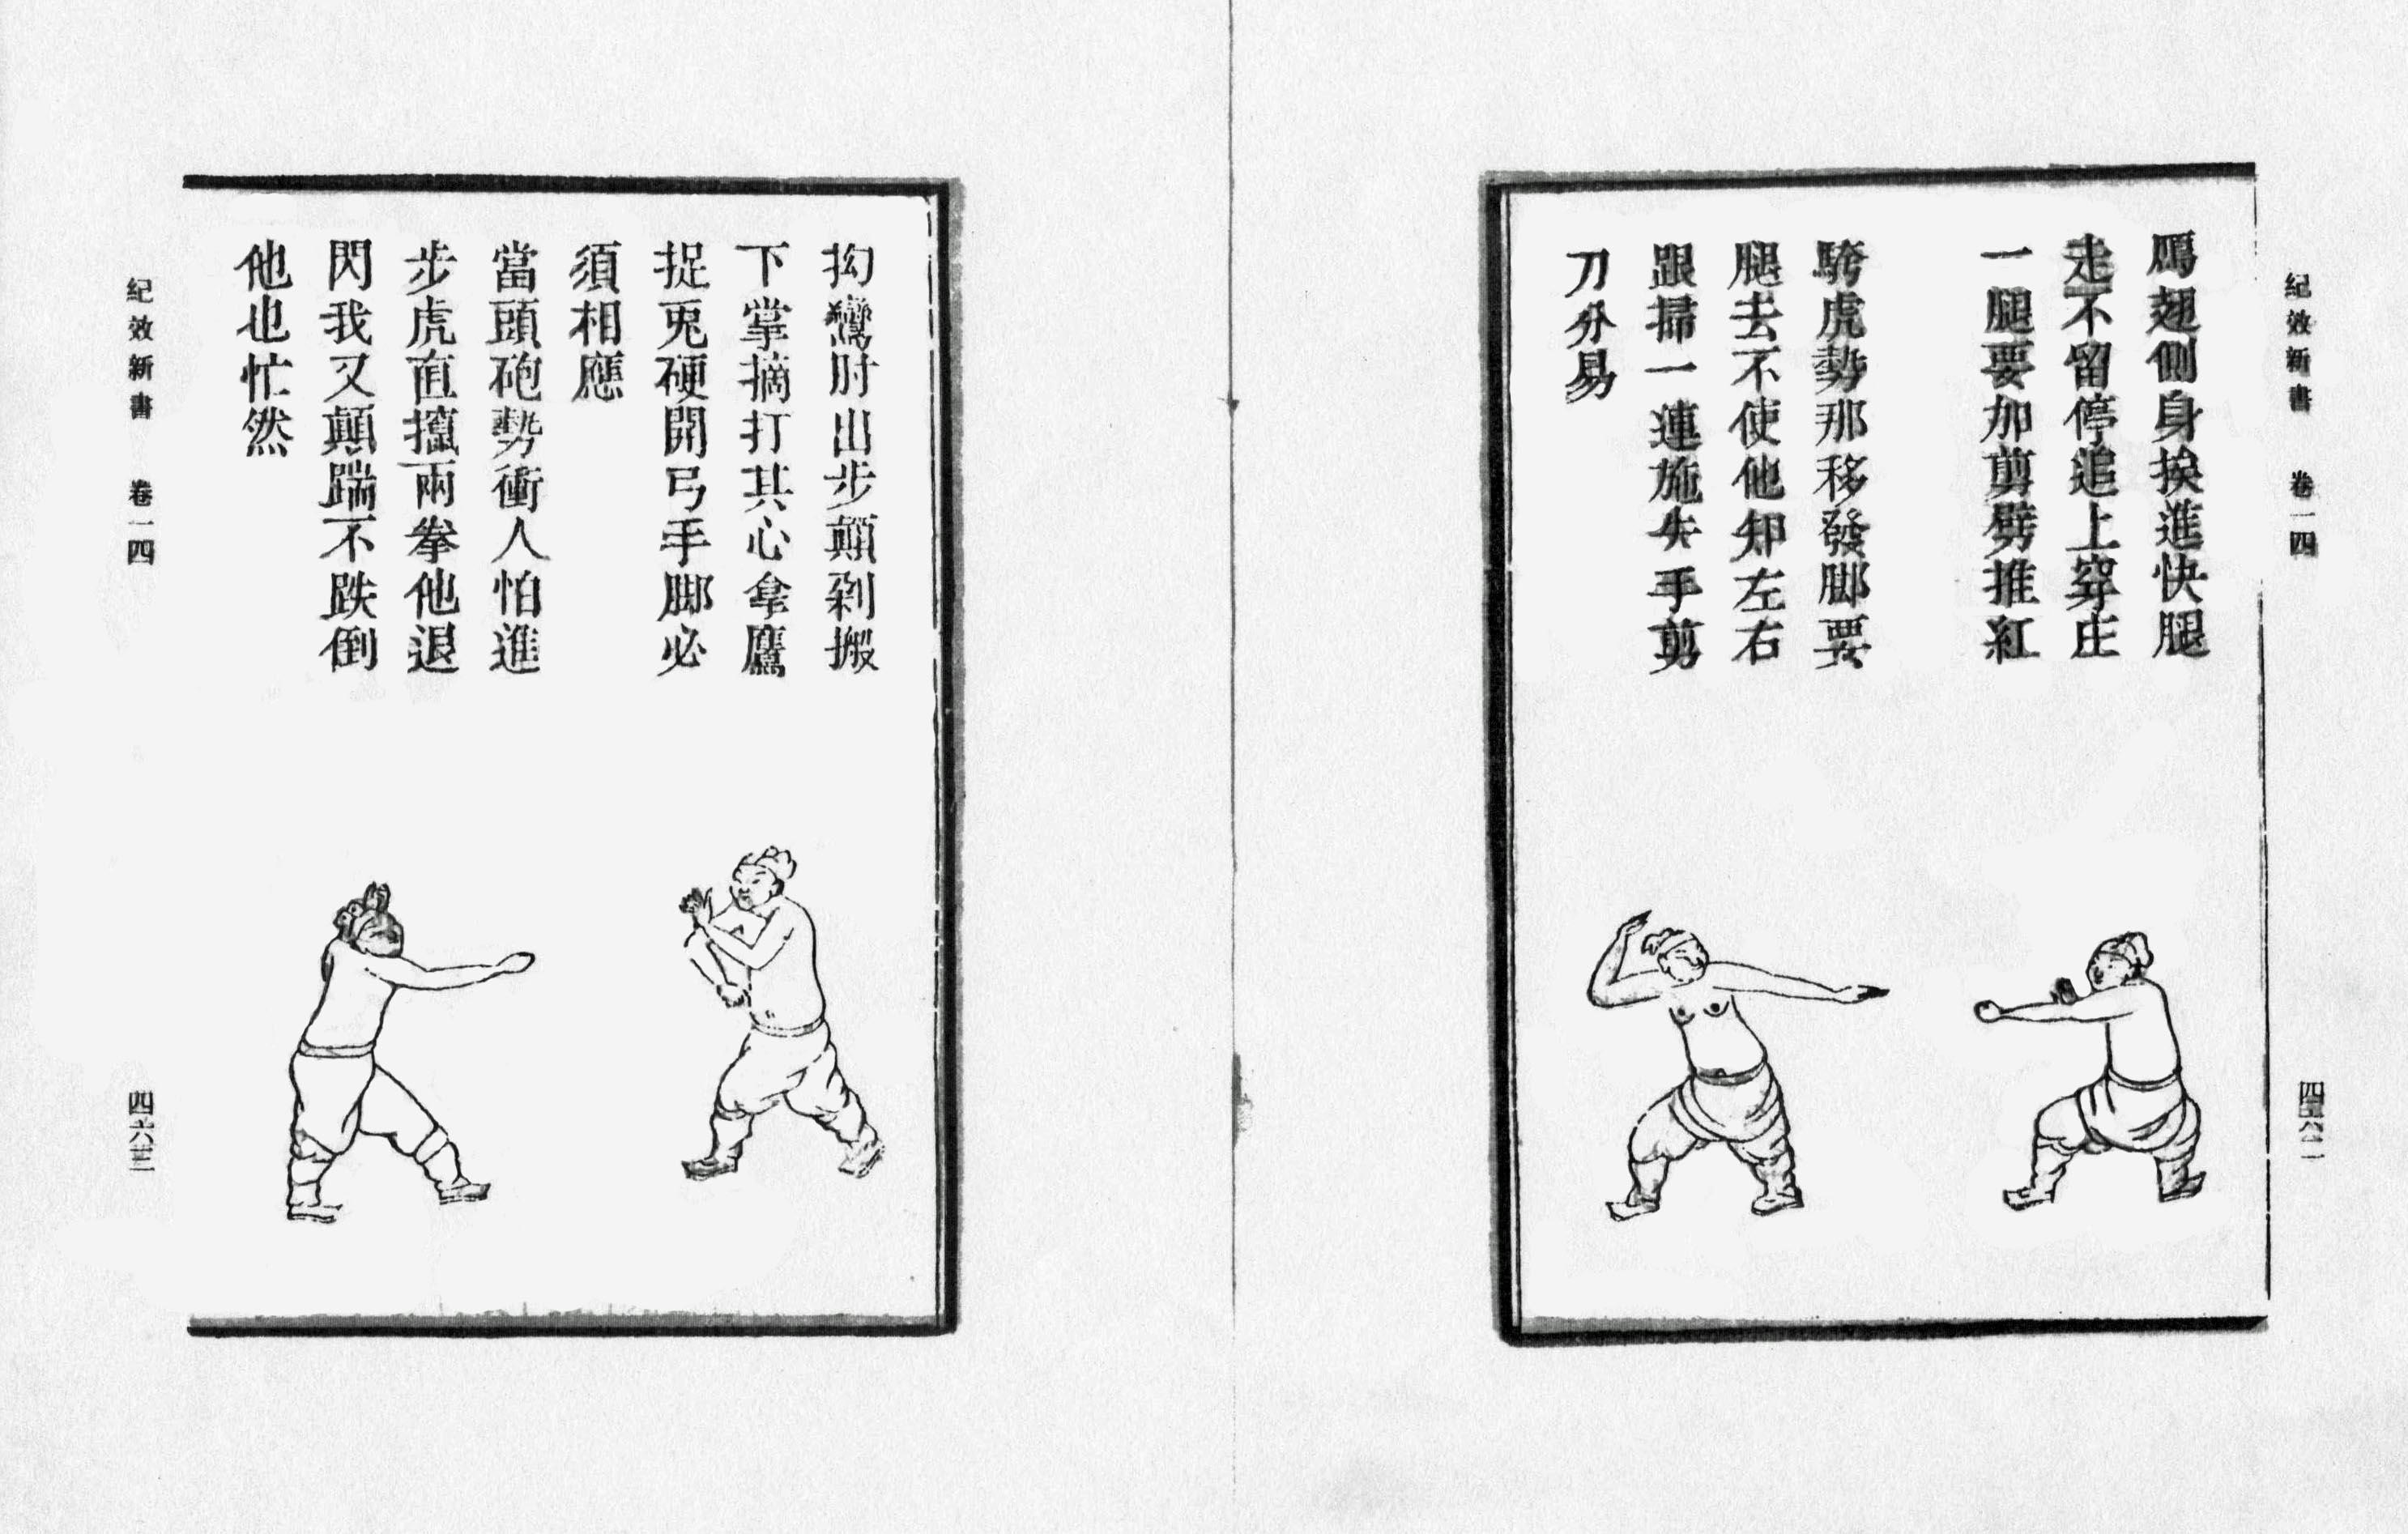 Ji Xiao Xin Shu